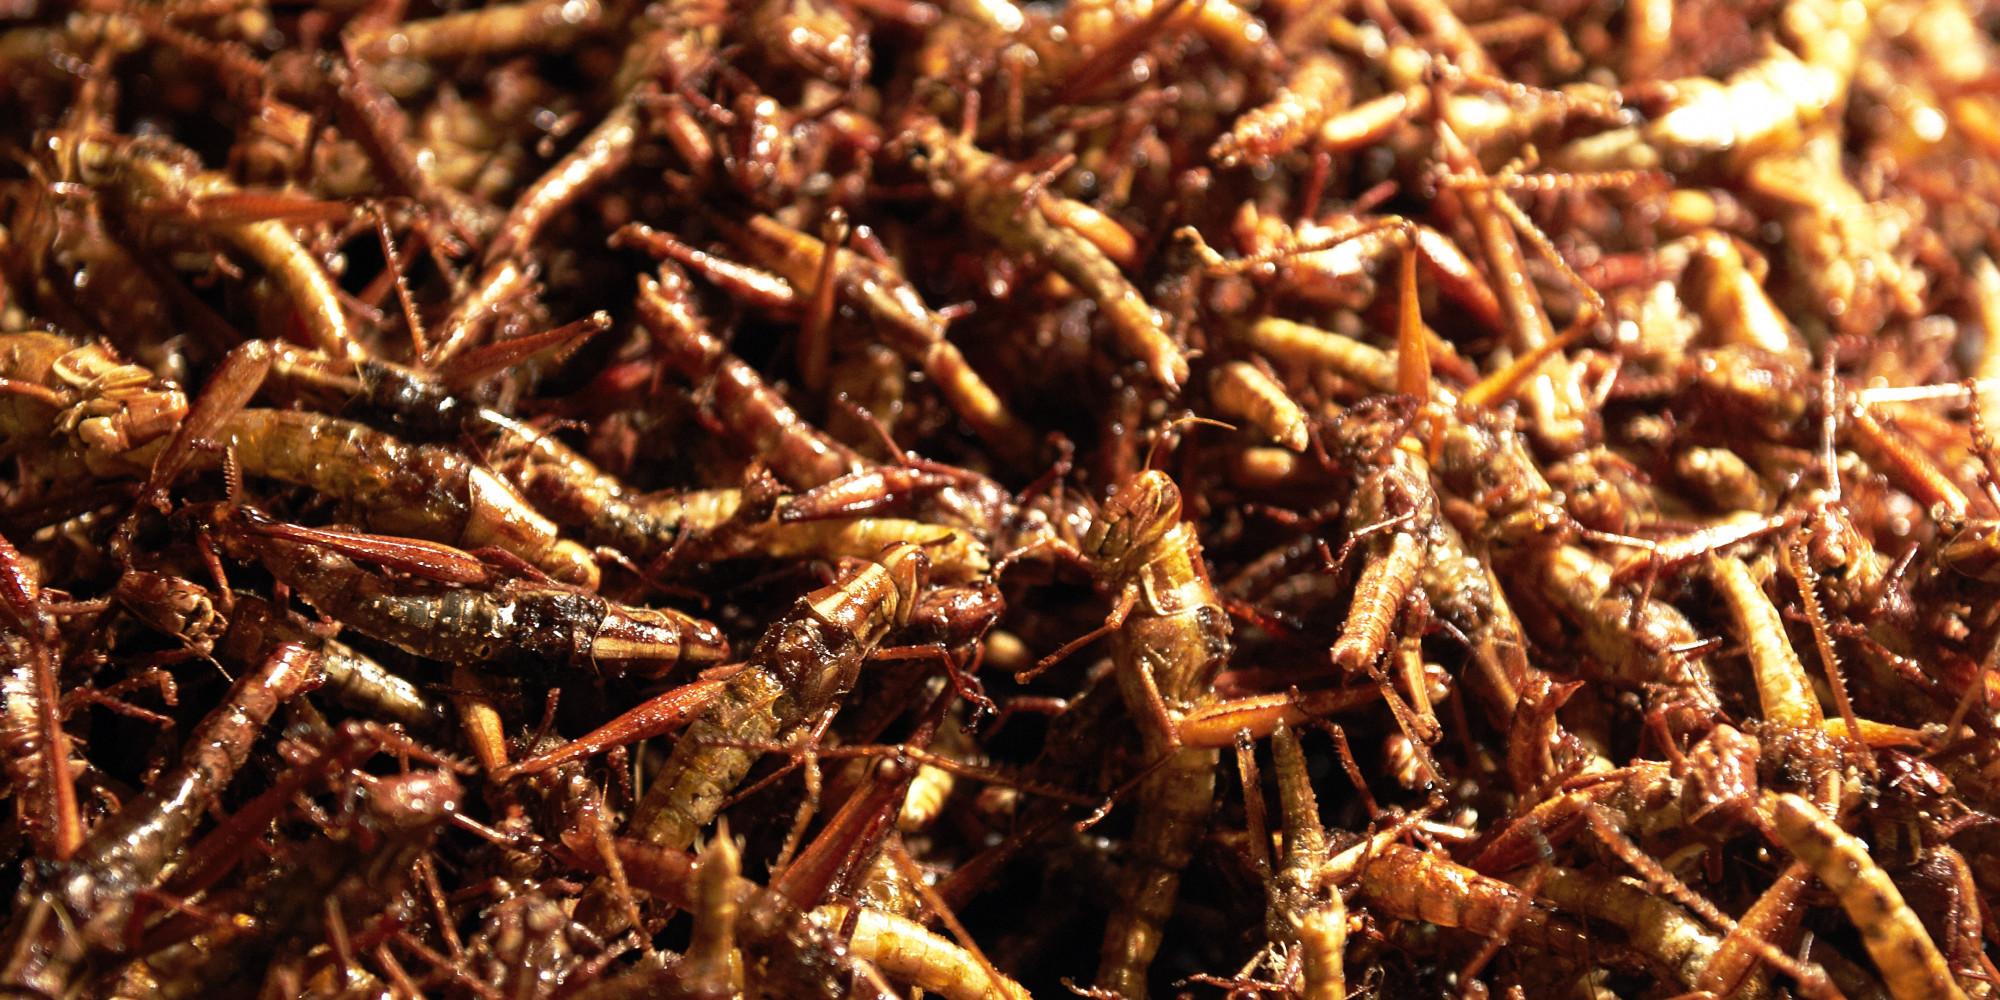 Manger des insectes avec cette farine base de - Cuisiner des perdreaux ...